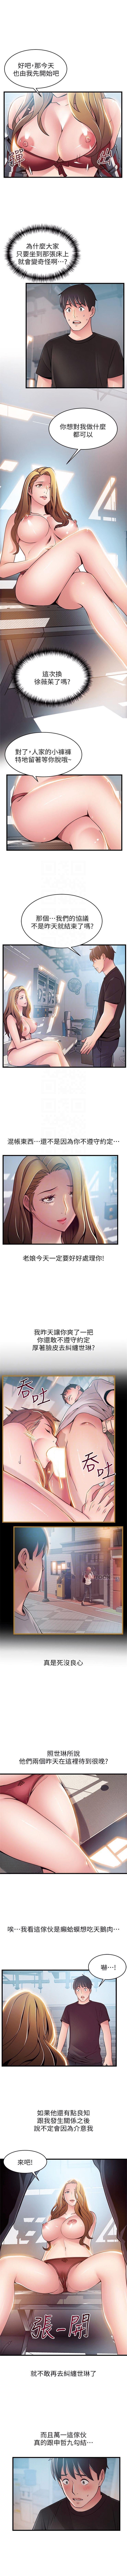 (周7)弱点 1-66 中文翻译(更新中) 322